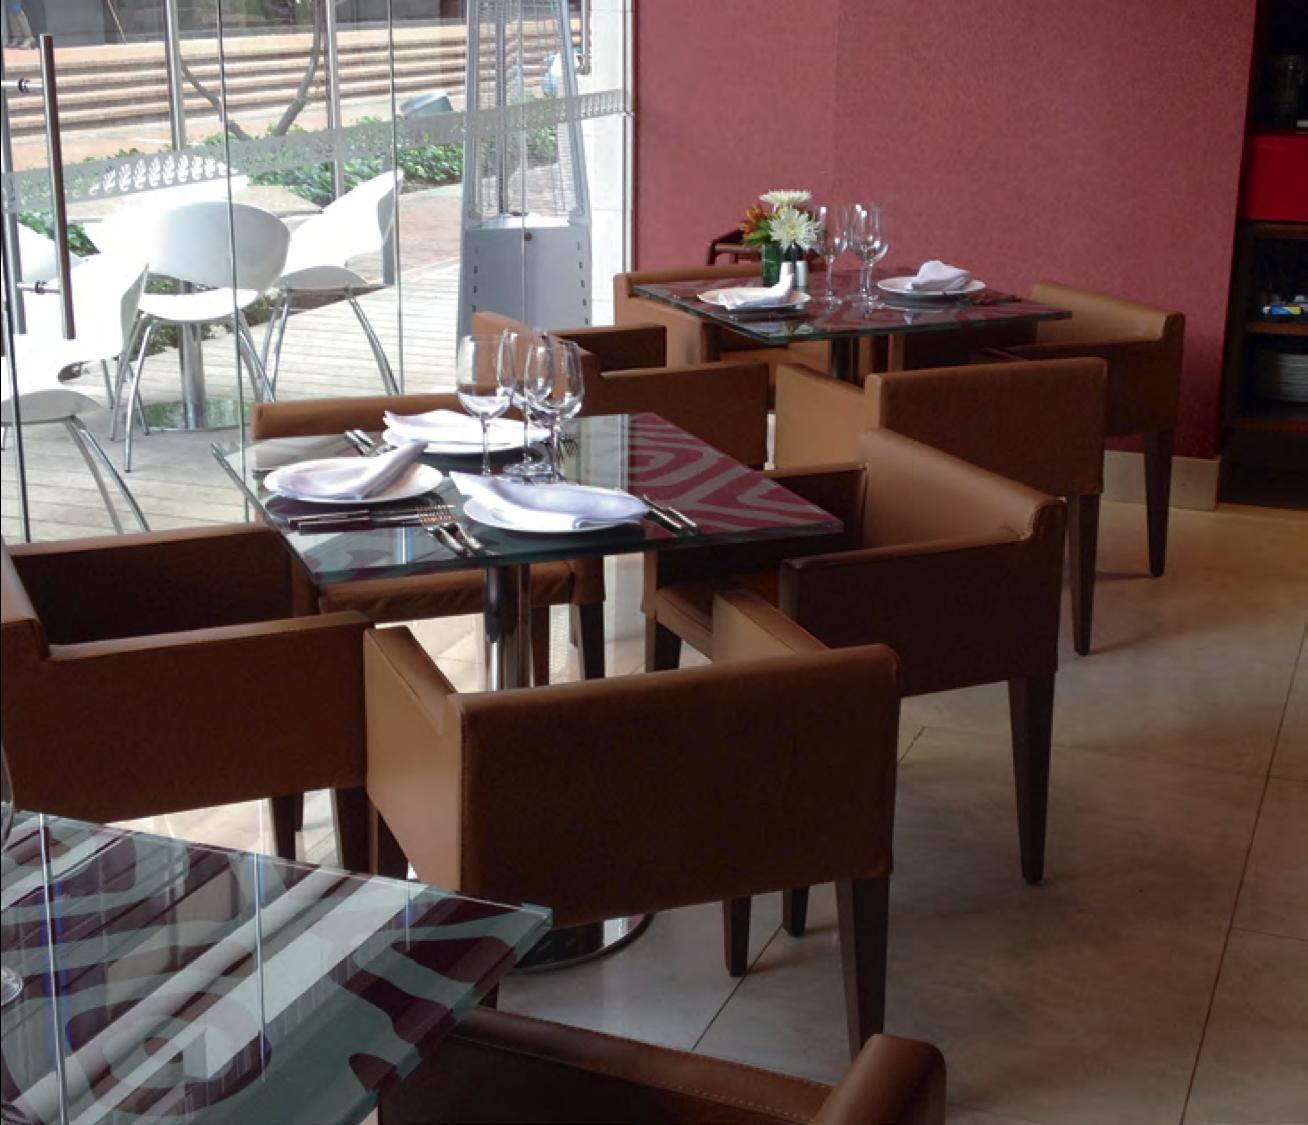 Muebles Zientte En Hotel Movich Bogota Proyectos  # Muebles Zientte Medellin